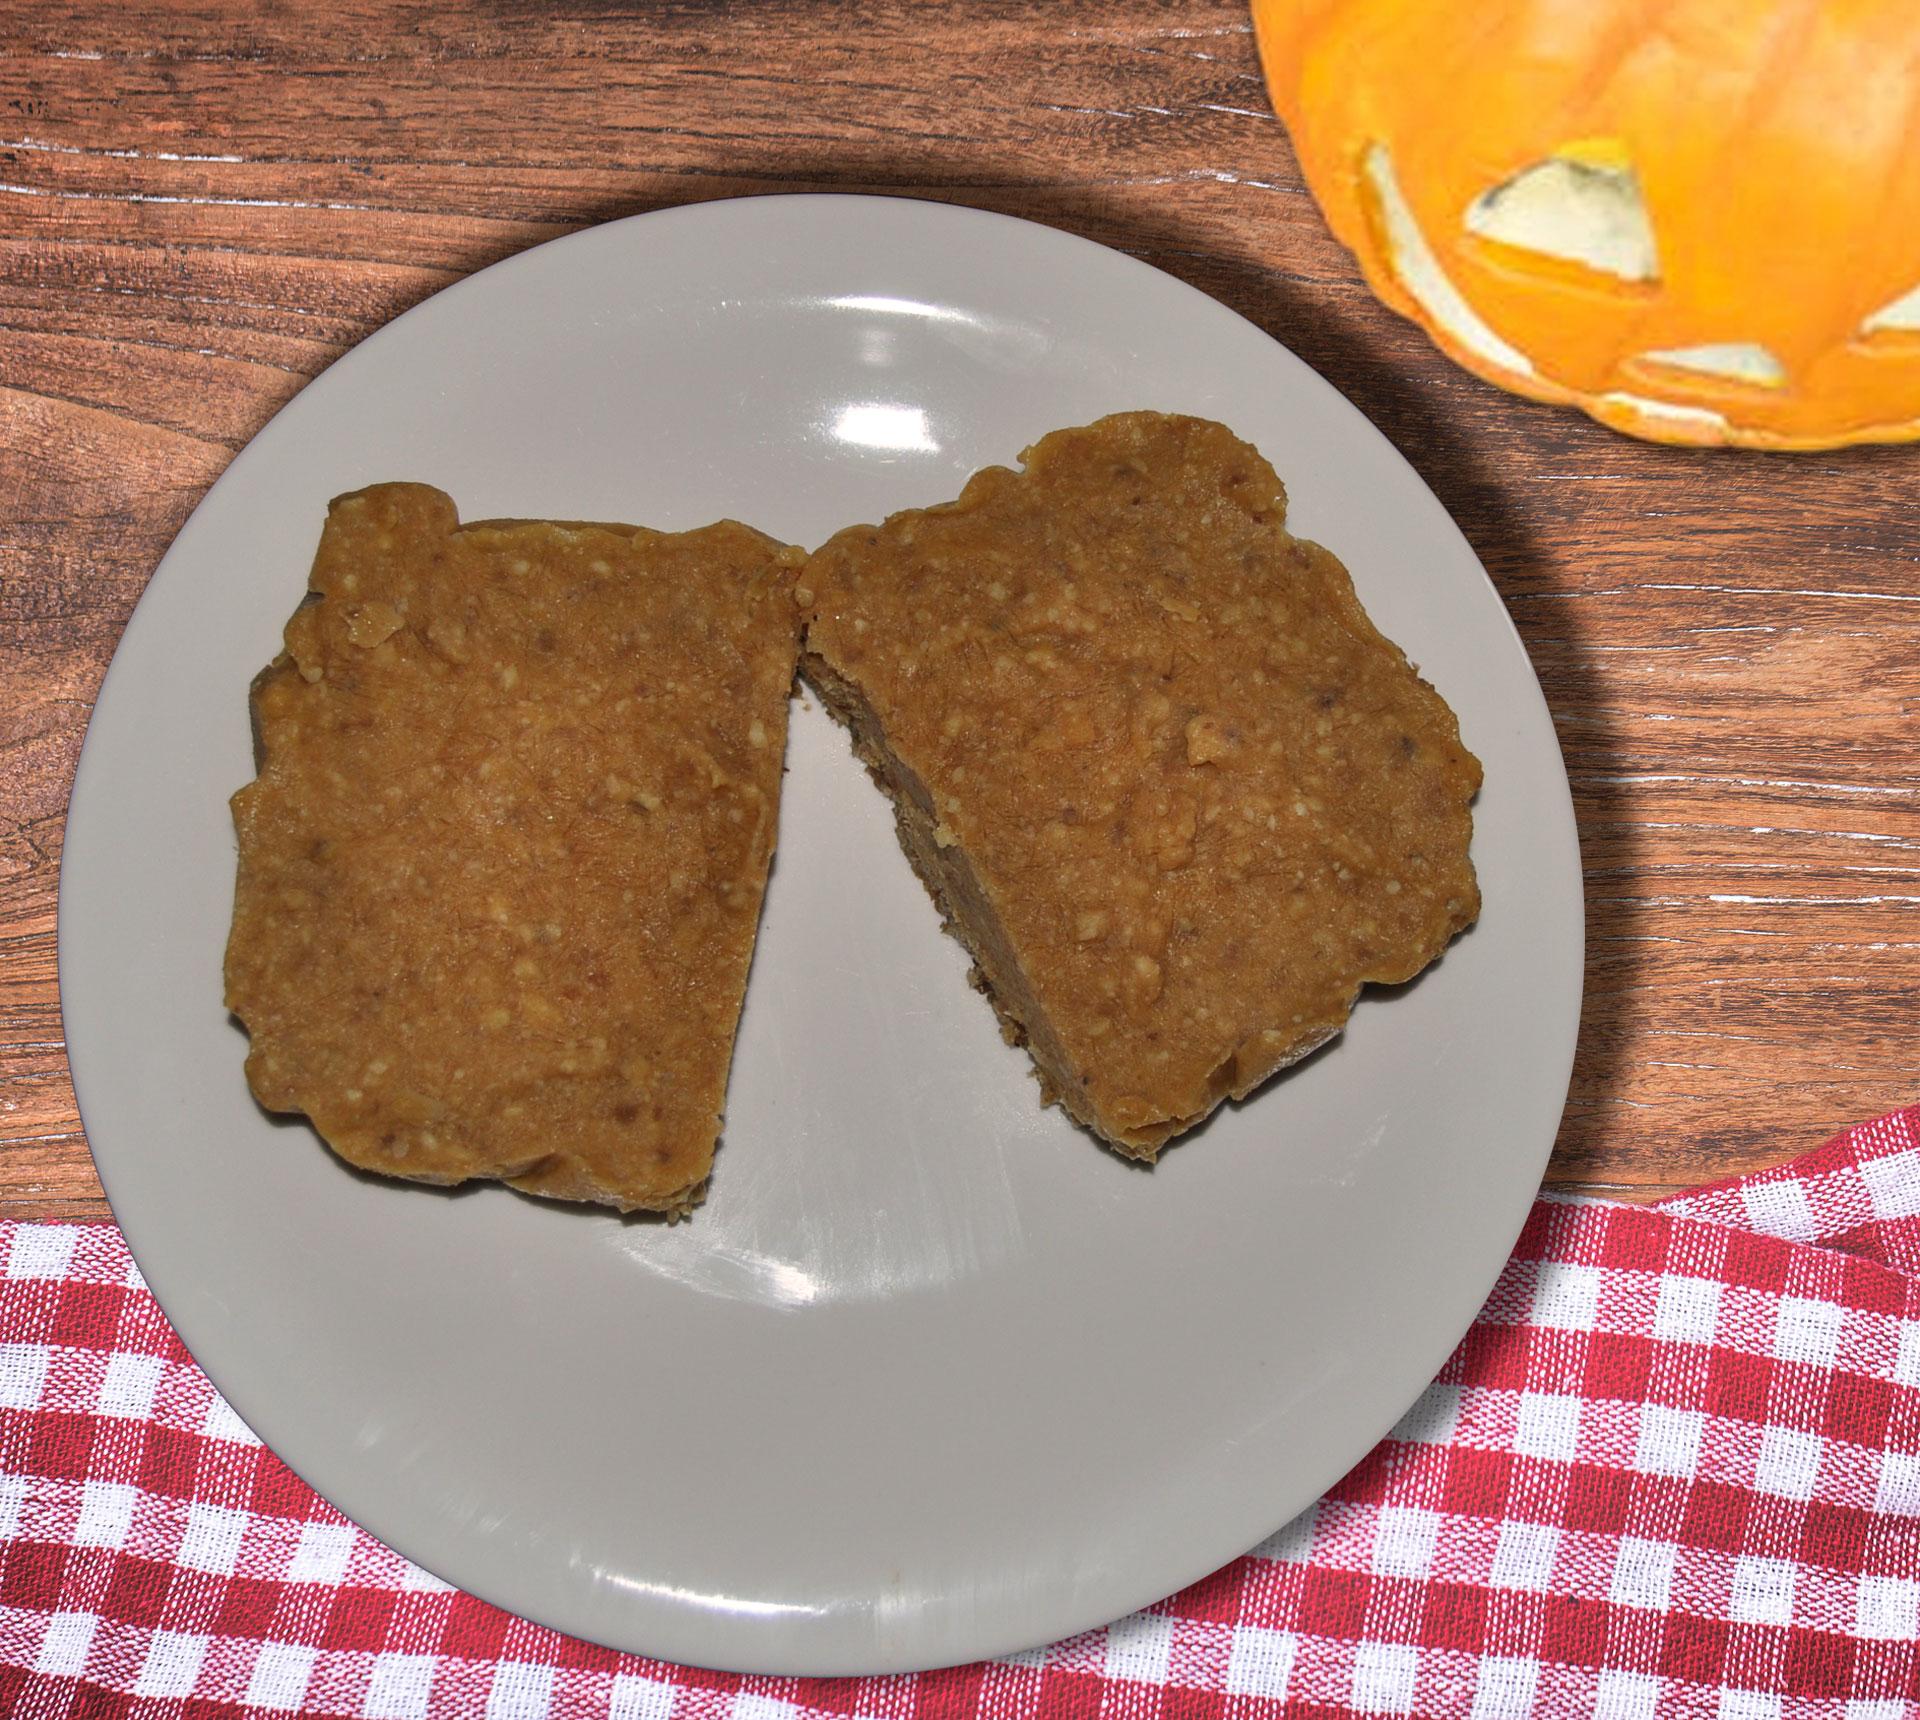 imagen blog FaWellness | Halloween ya está aquí... Y viene cargado de calabazas con las que hemos elaborado una receta rica y muy saludable